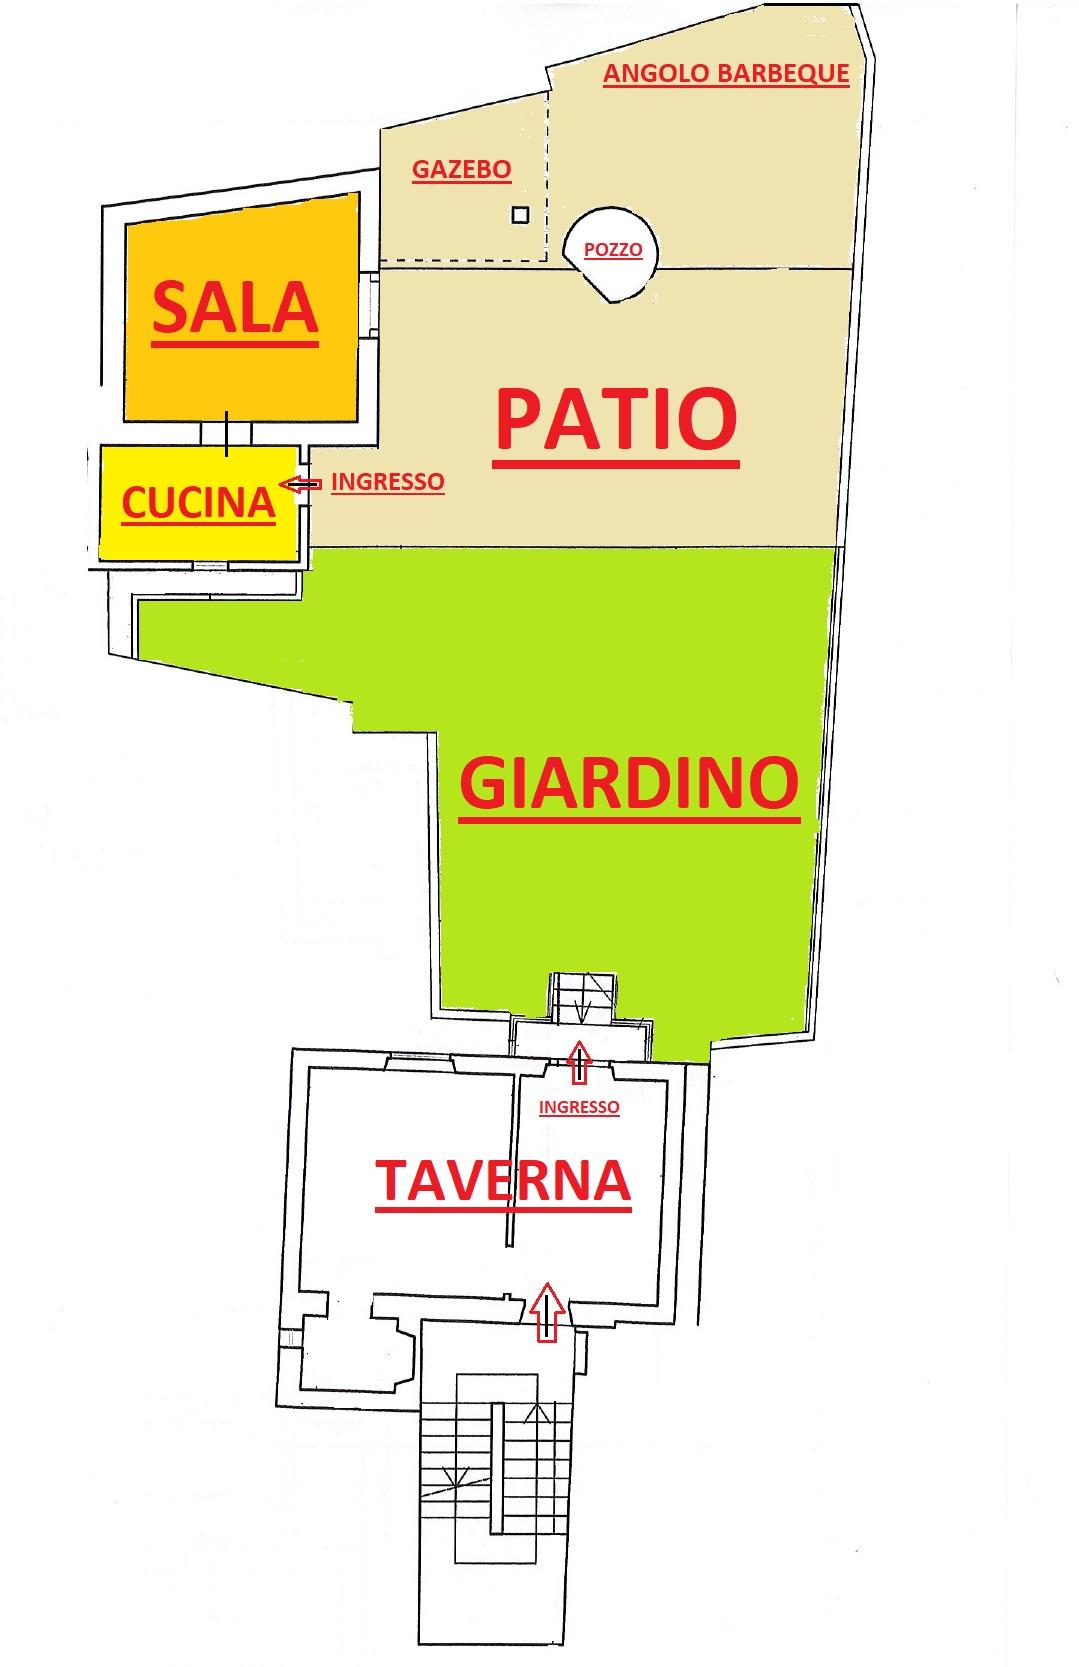 PLANIMETRIA GENERICA GIARDINO